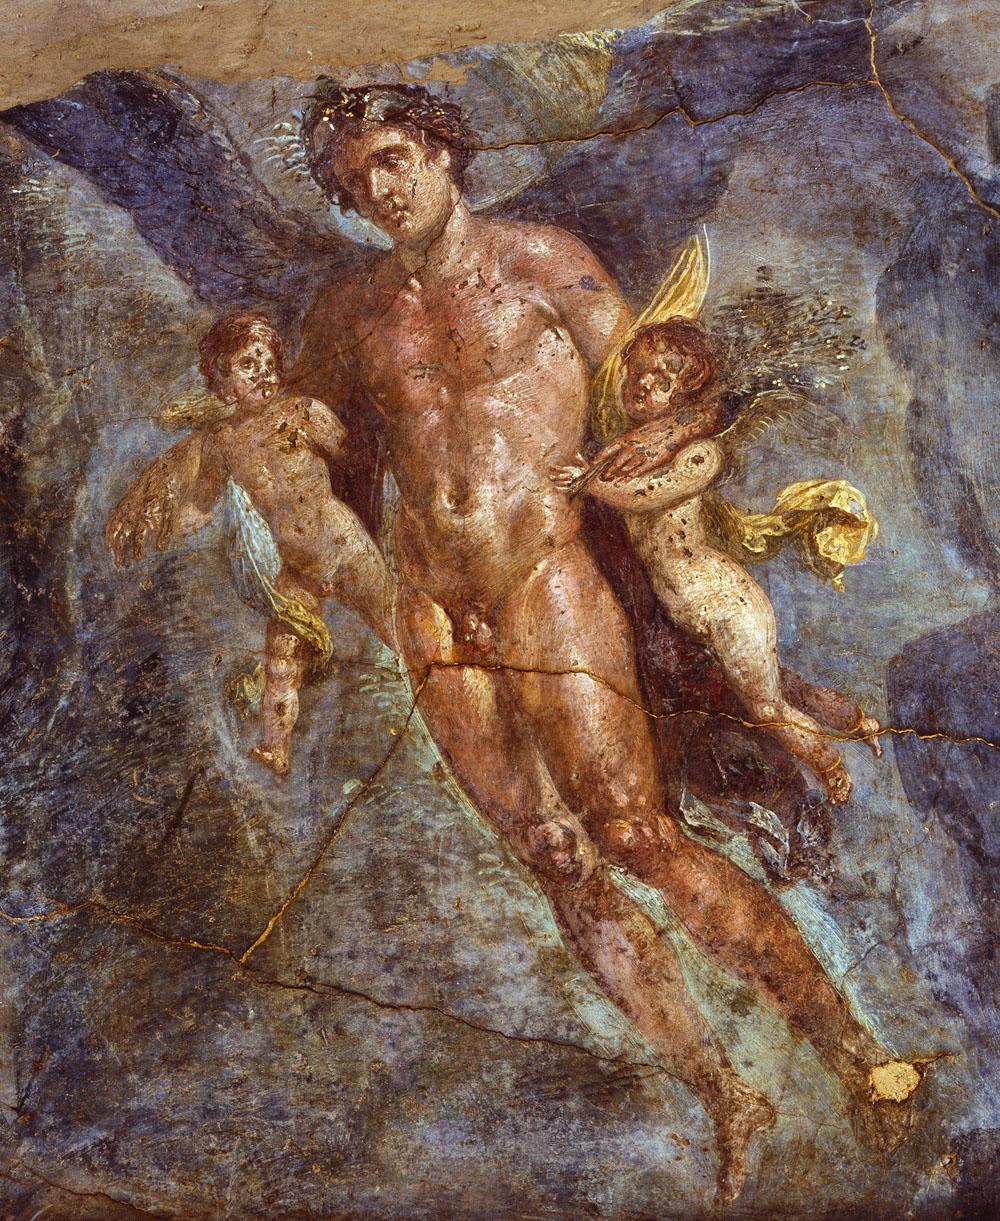 Pompeji: Hochzeit von Zephyros und Chloris, Wandfresko (Detail), Vierter Stil, um 50–79 n.Chr., Archäologisches Nationalmuseum Neapel